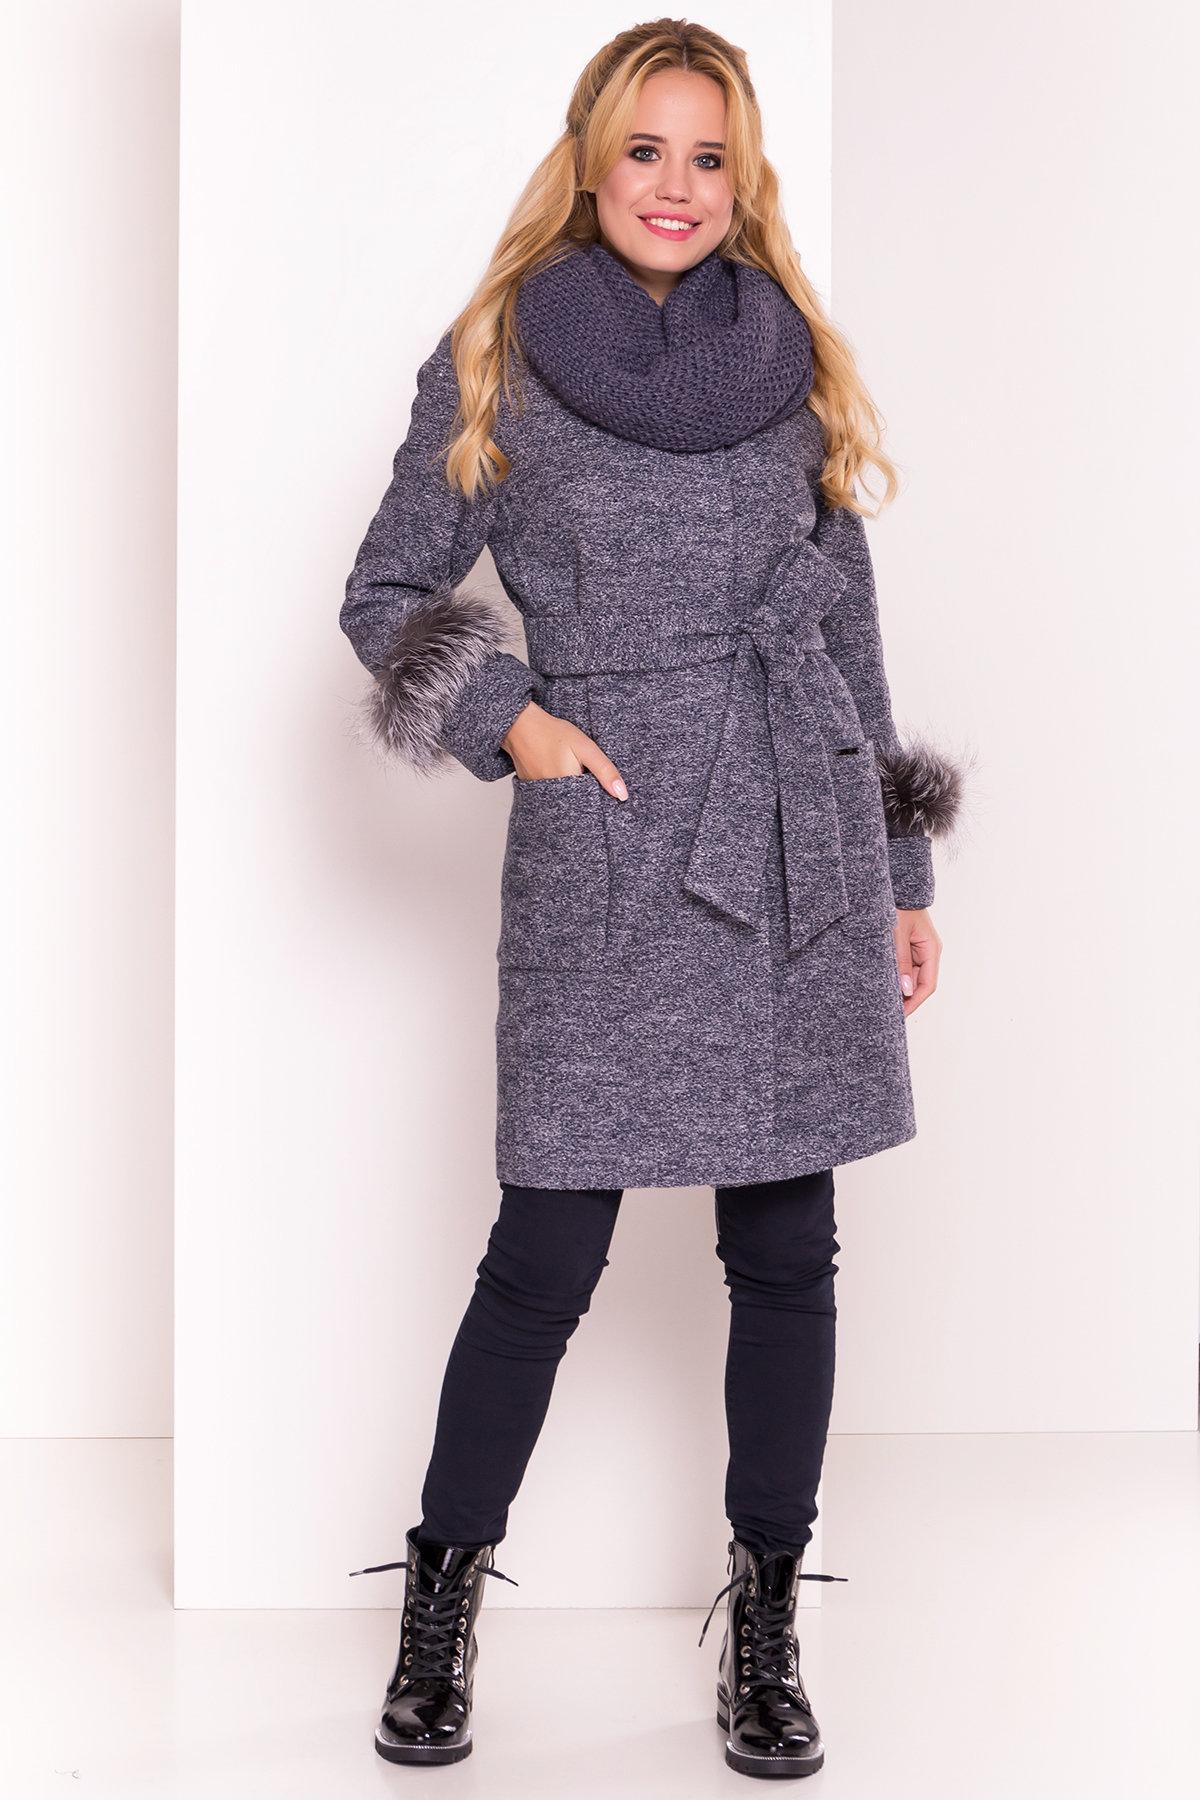 Пальто Кристина 5415 АРТ. 36566 Цвет: Серый темный LW-22 - фото 4, интернет магазин tm-modus.ru